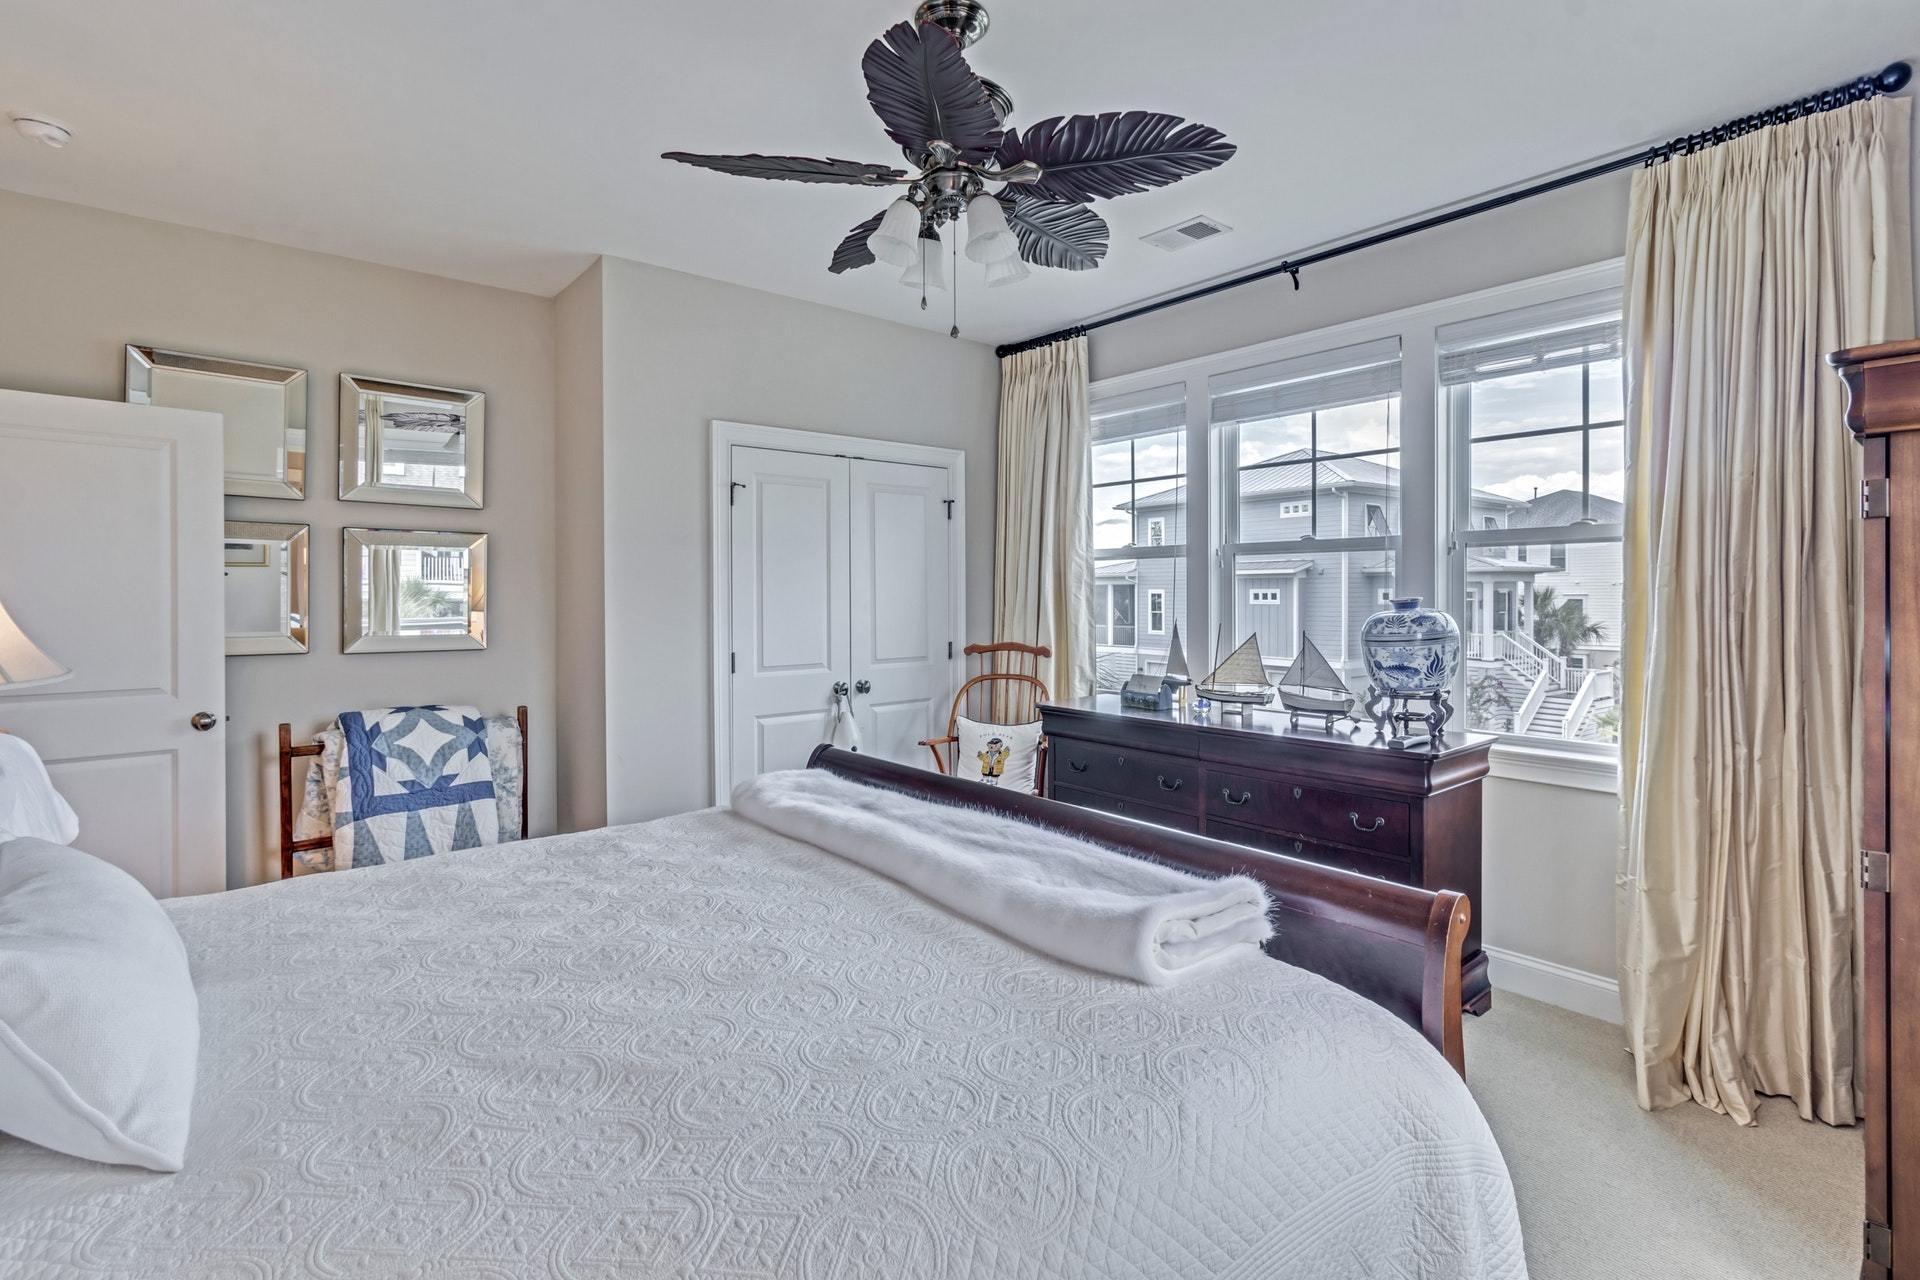 Dunes West Homes For Sale - 2816 River Vista, Mount Pleasant, SC - 51